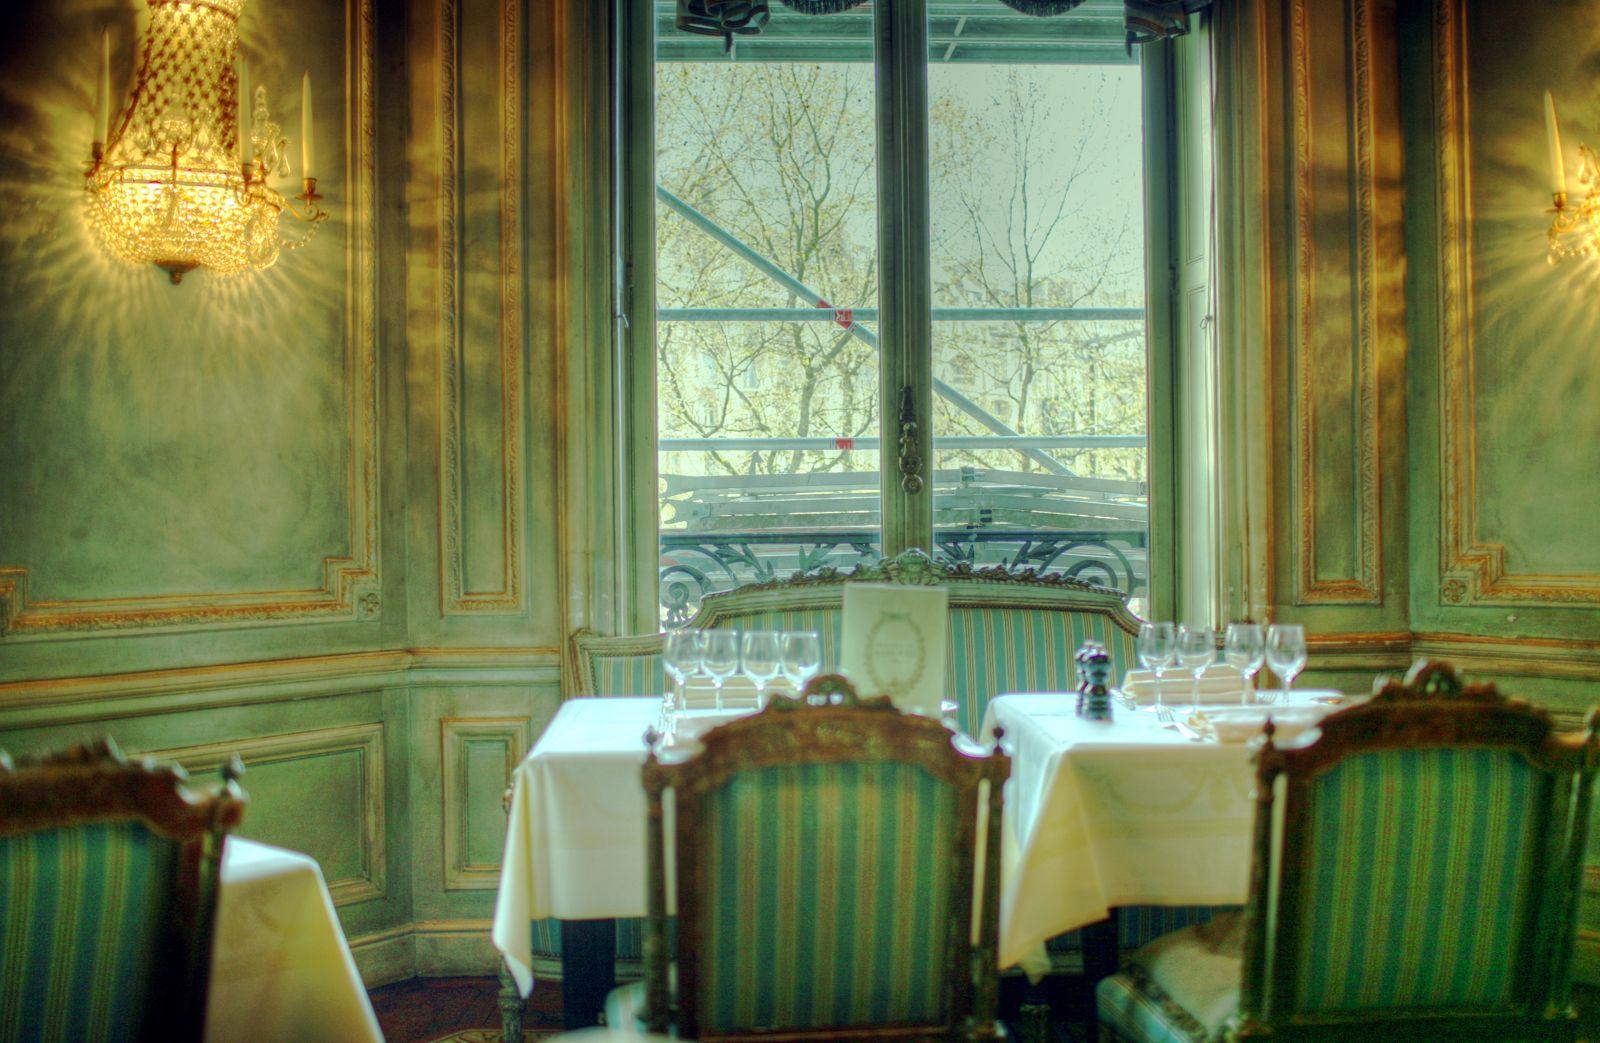 Beaux mondes designs ch teau du champ de bataille for Tea room design quarter